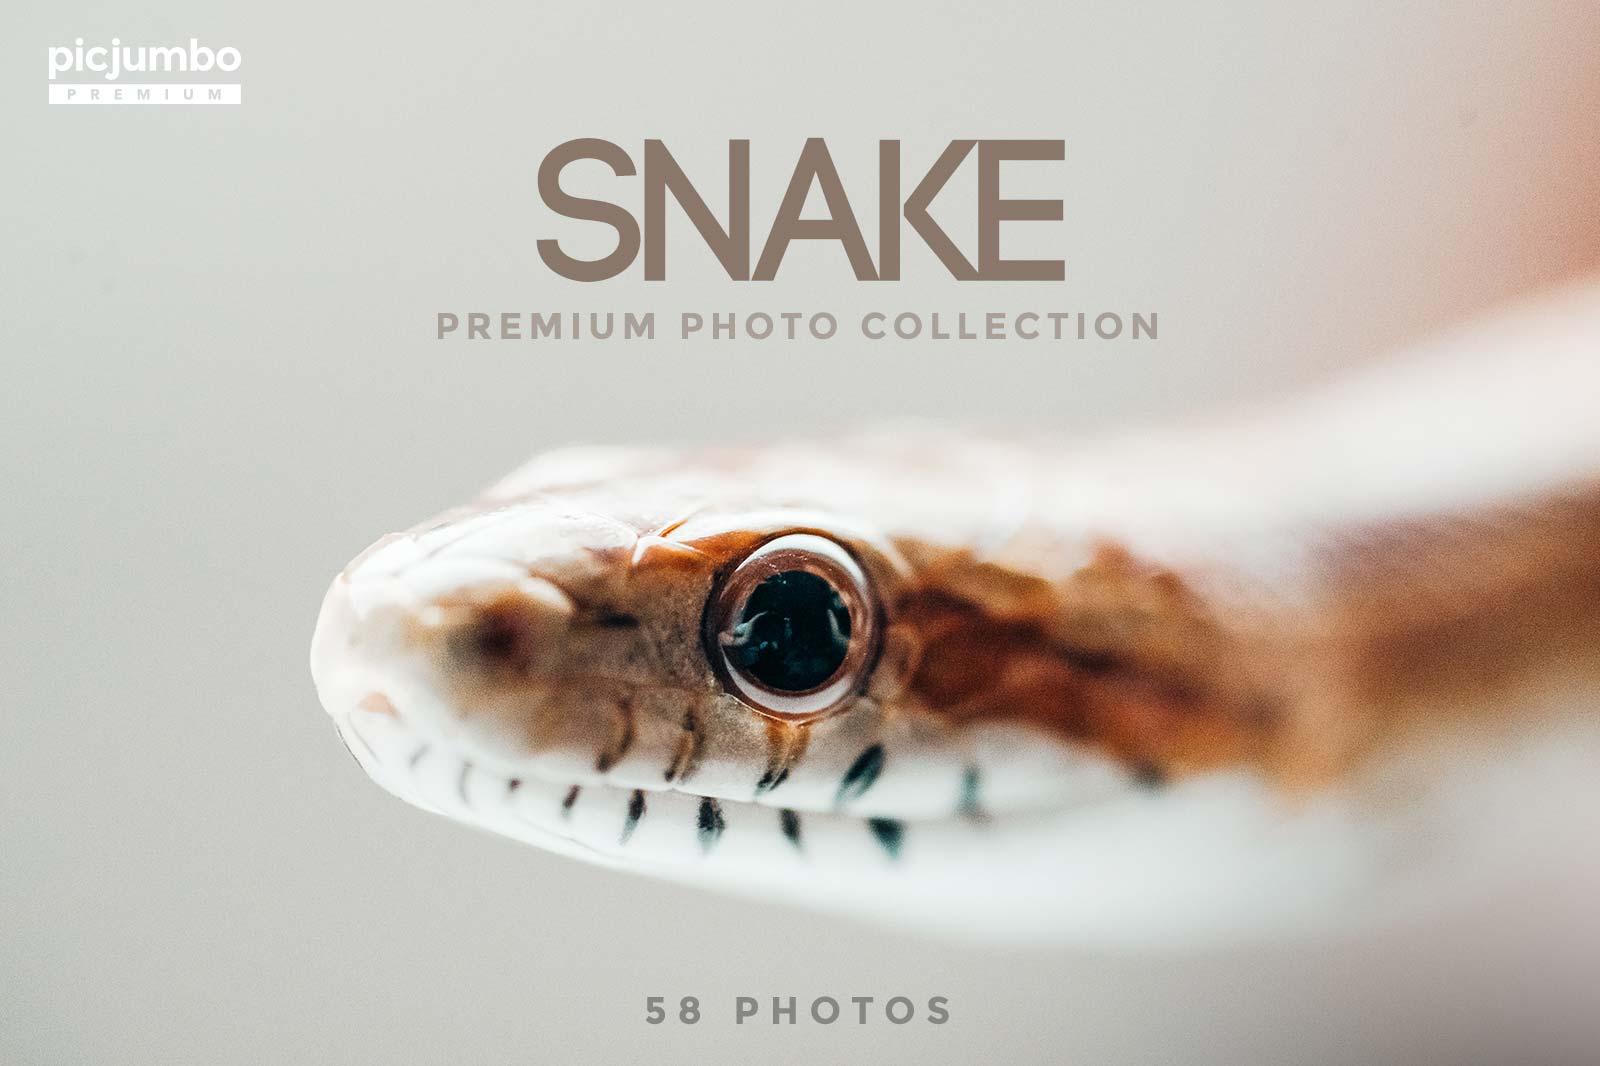 snake-photos-collection.jpg